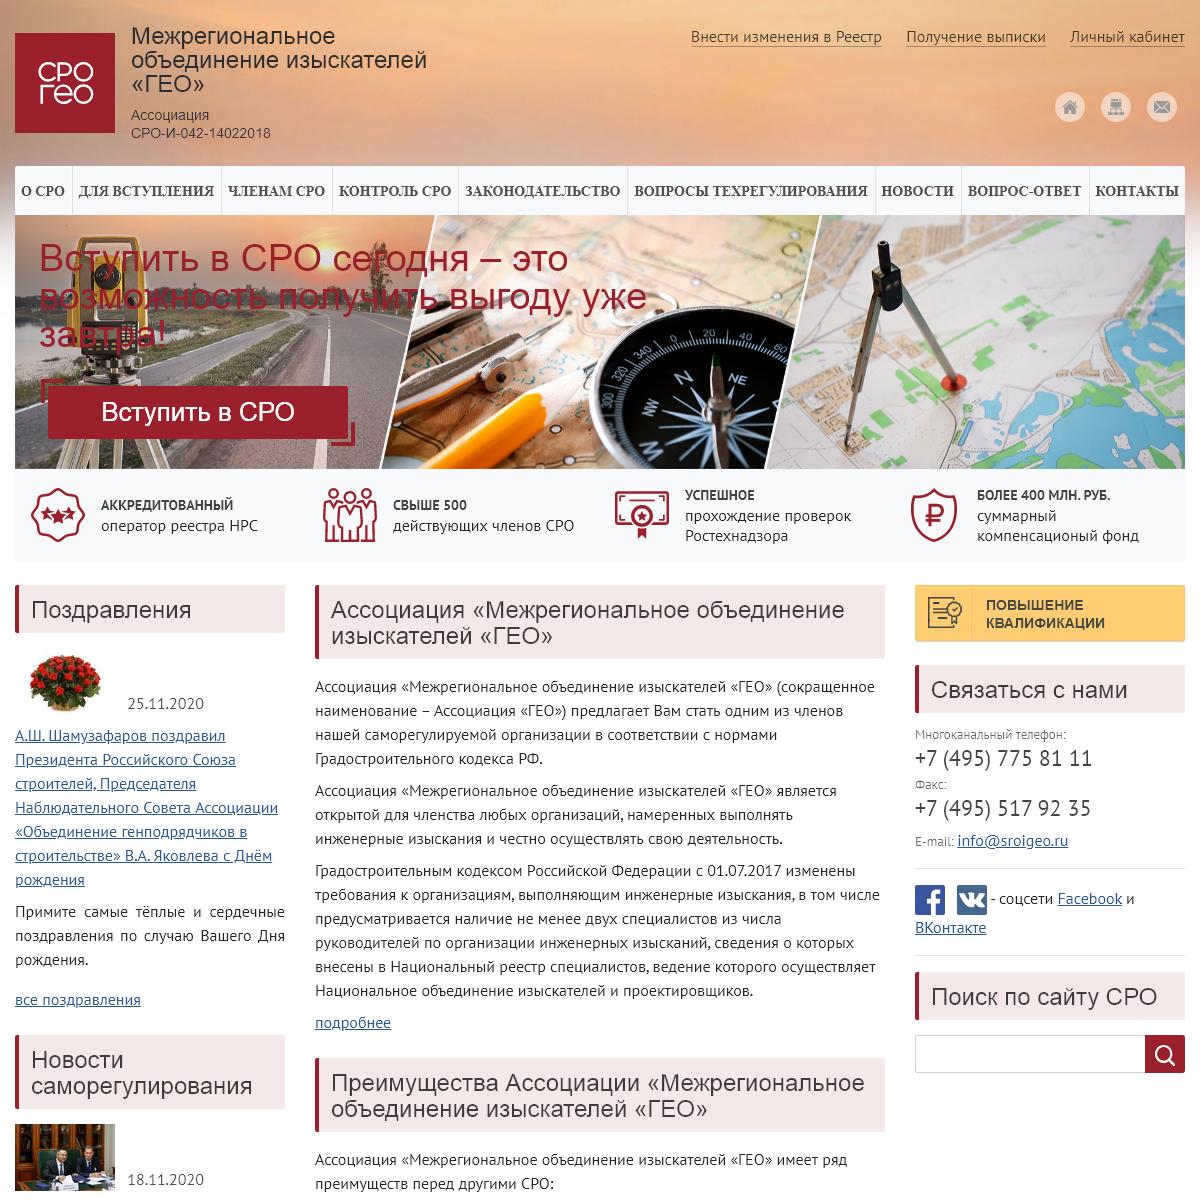 Ассоциация «Межрегиональное объединение изыскателей «ГЕО»